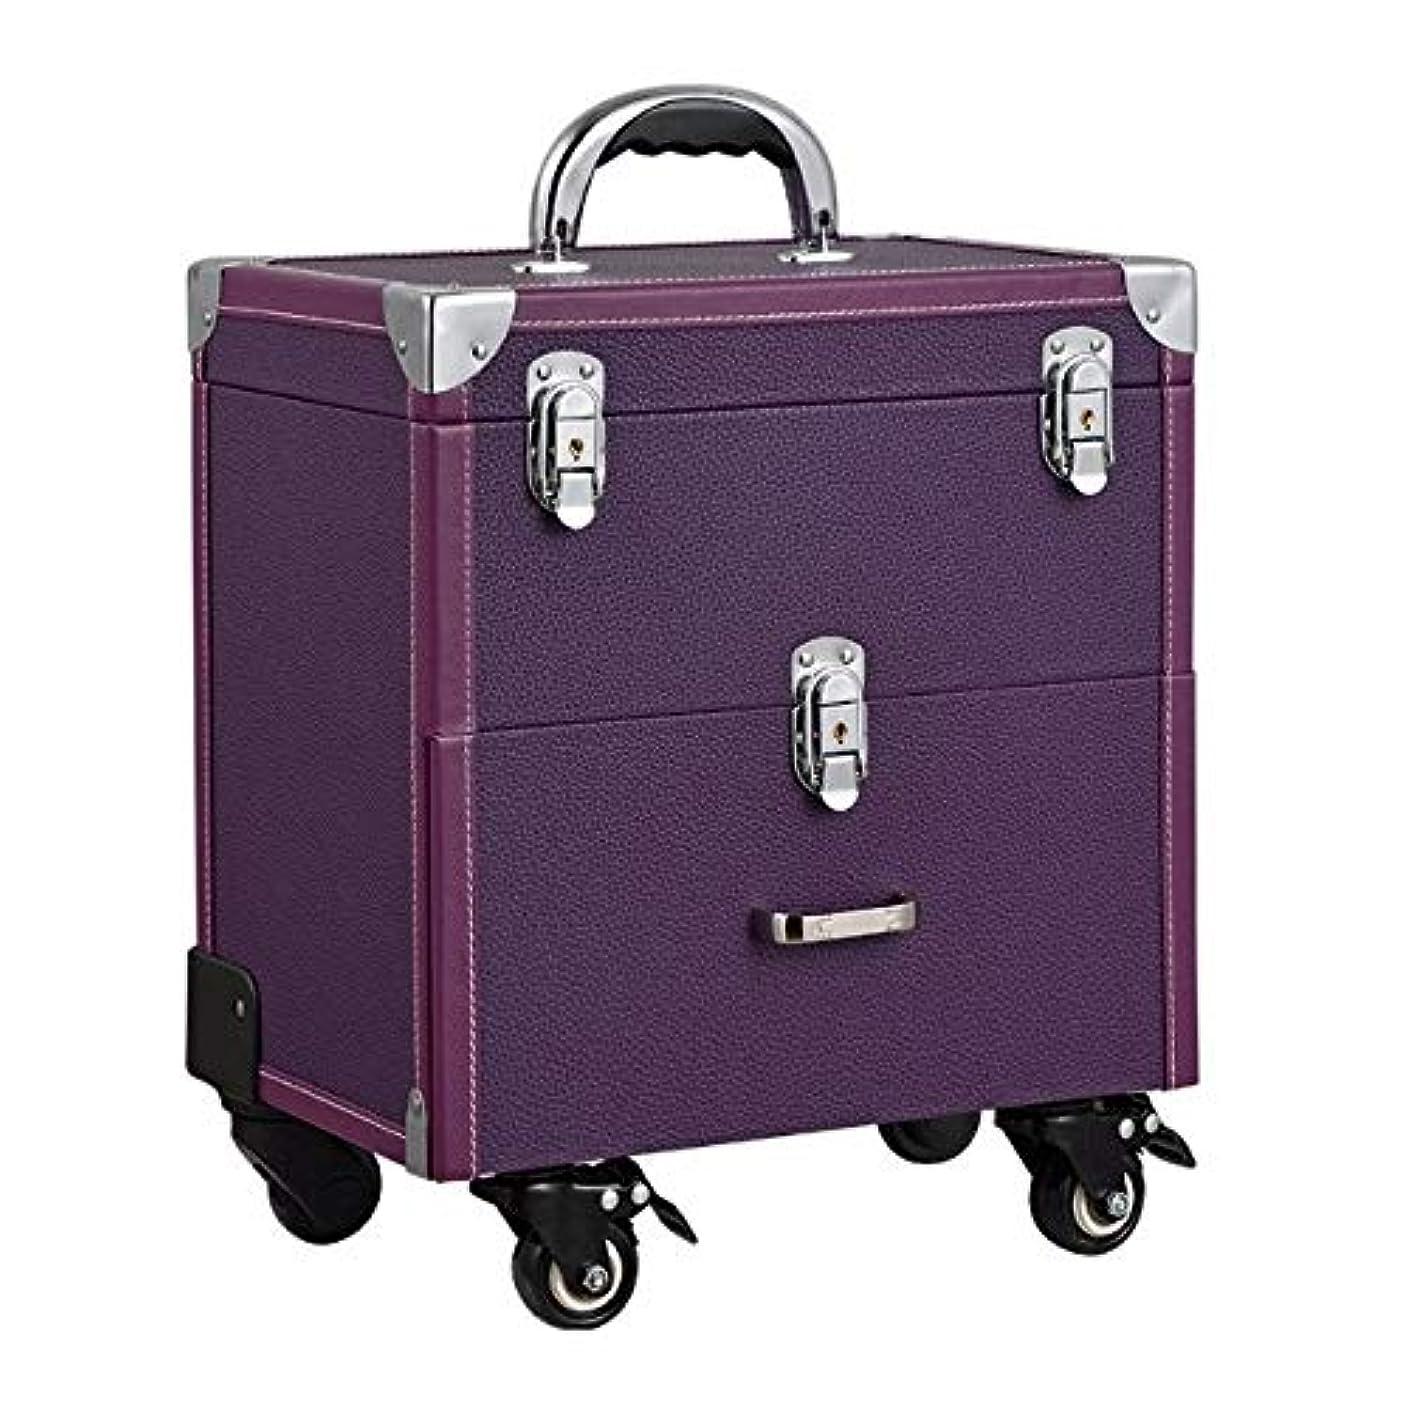 味生き返らせる染色化粧箱、大容量ダブルポール化粧品ケース、ポータブル旅行化粧品袋収納袋、美容化粧ネイルジュエリー収納ボックス (Color : Purple)